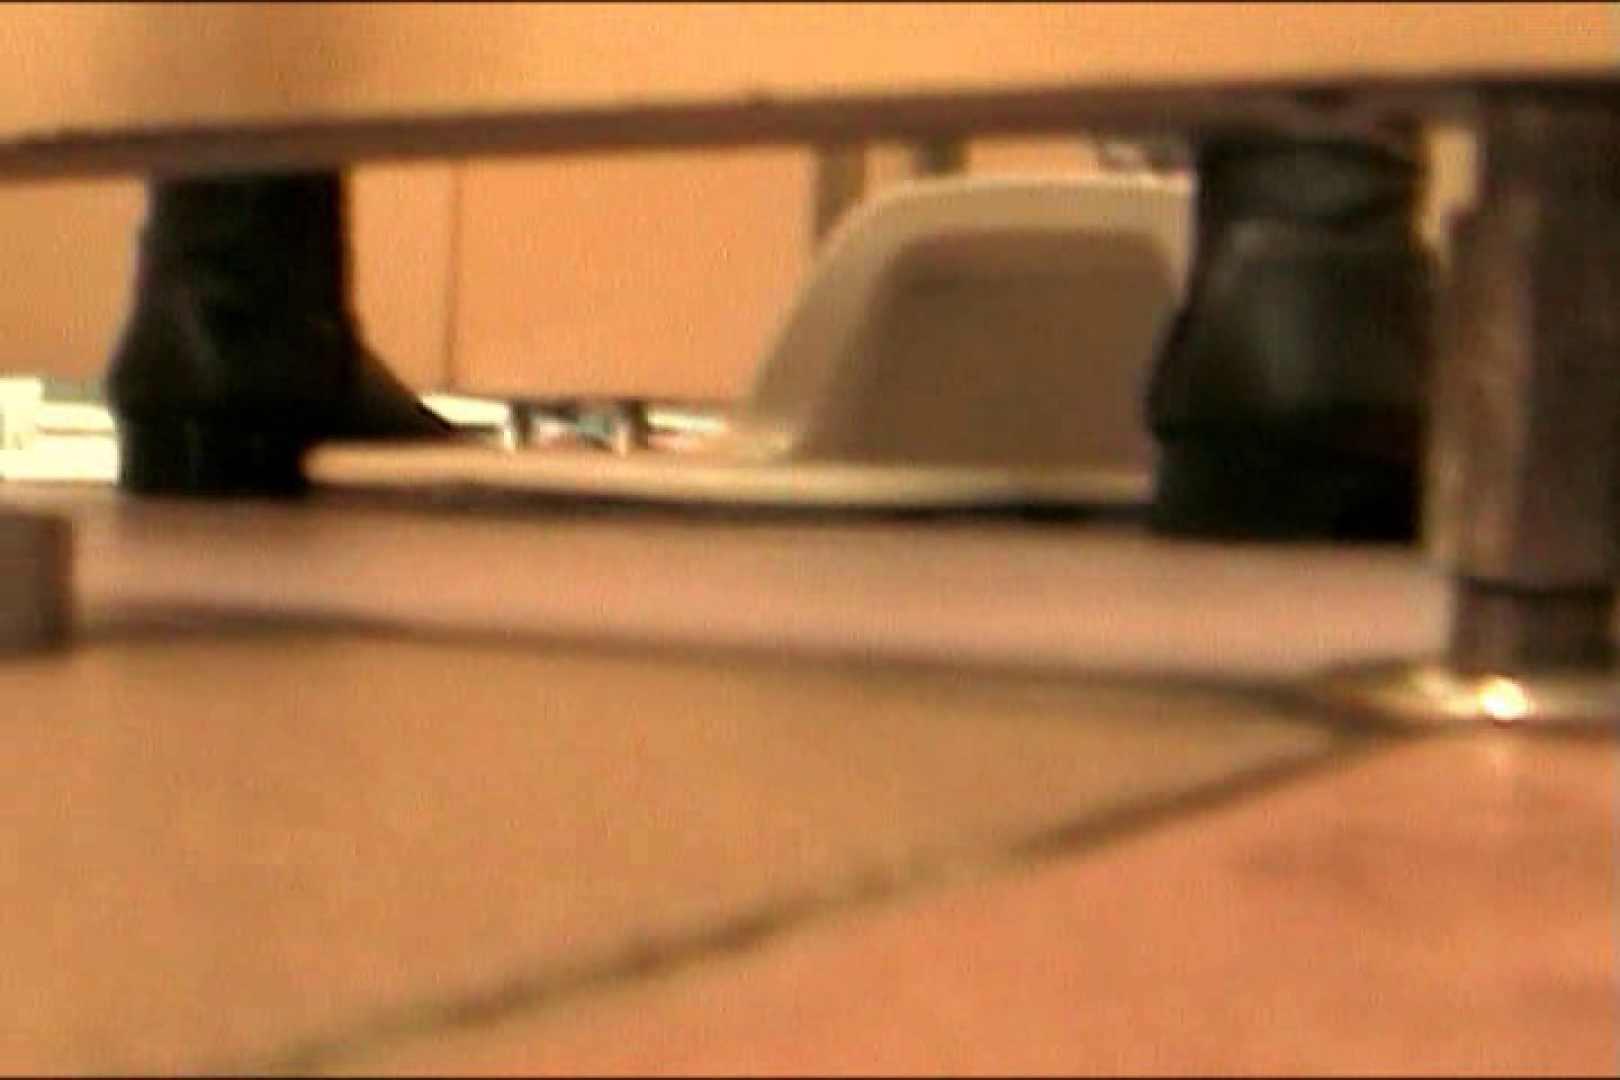 マンコ丸見え女子洗面所Vol.4 盗撮特集 オマンコ無修正動画無料 64画像 40